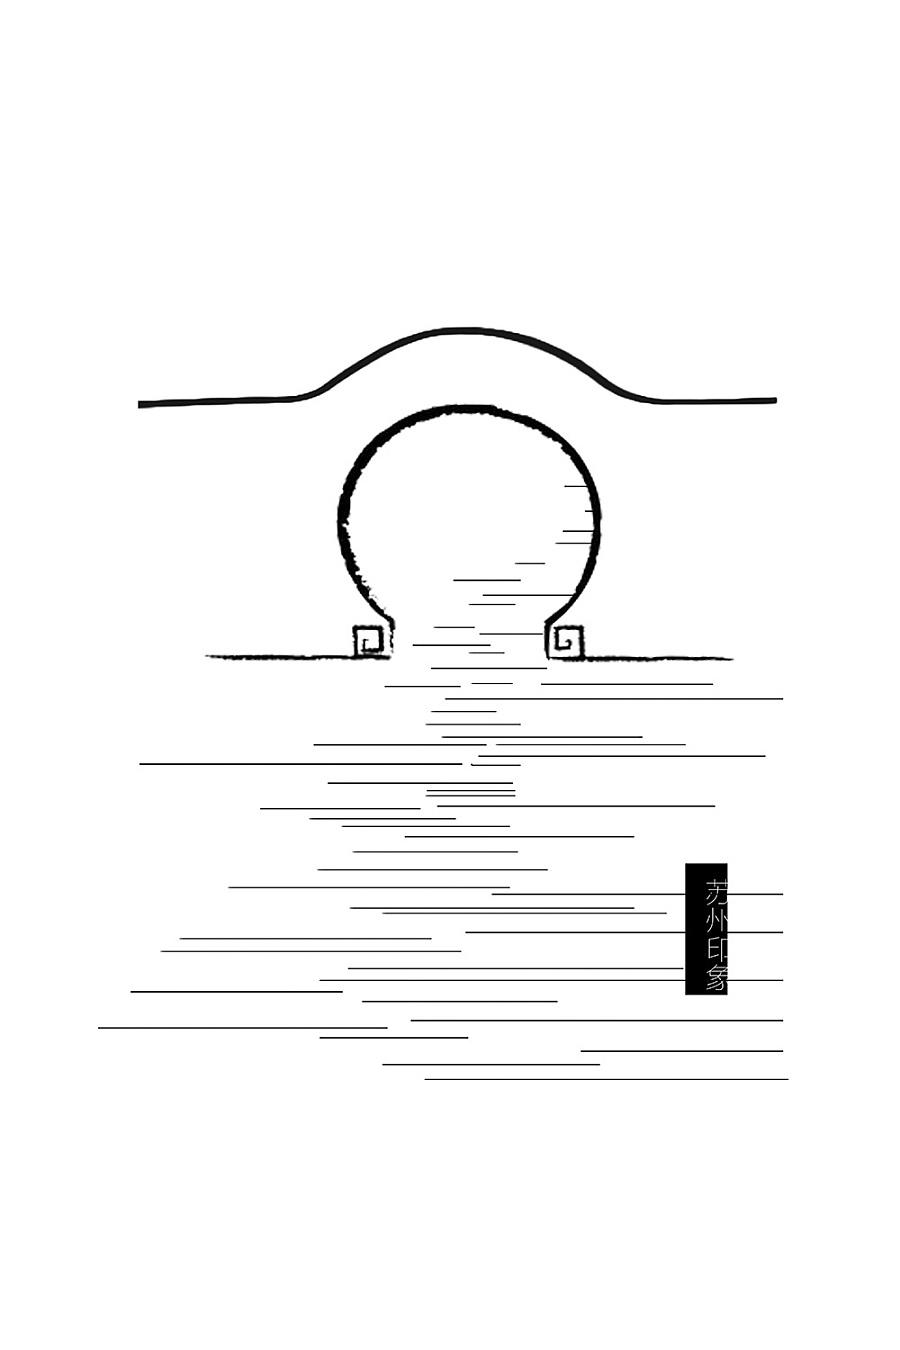 用黑白线条来描绘江南意境